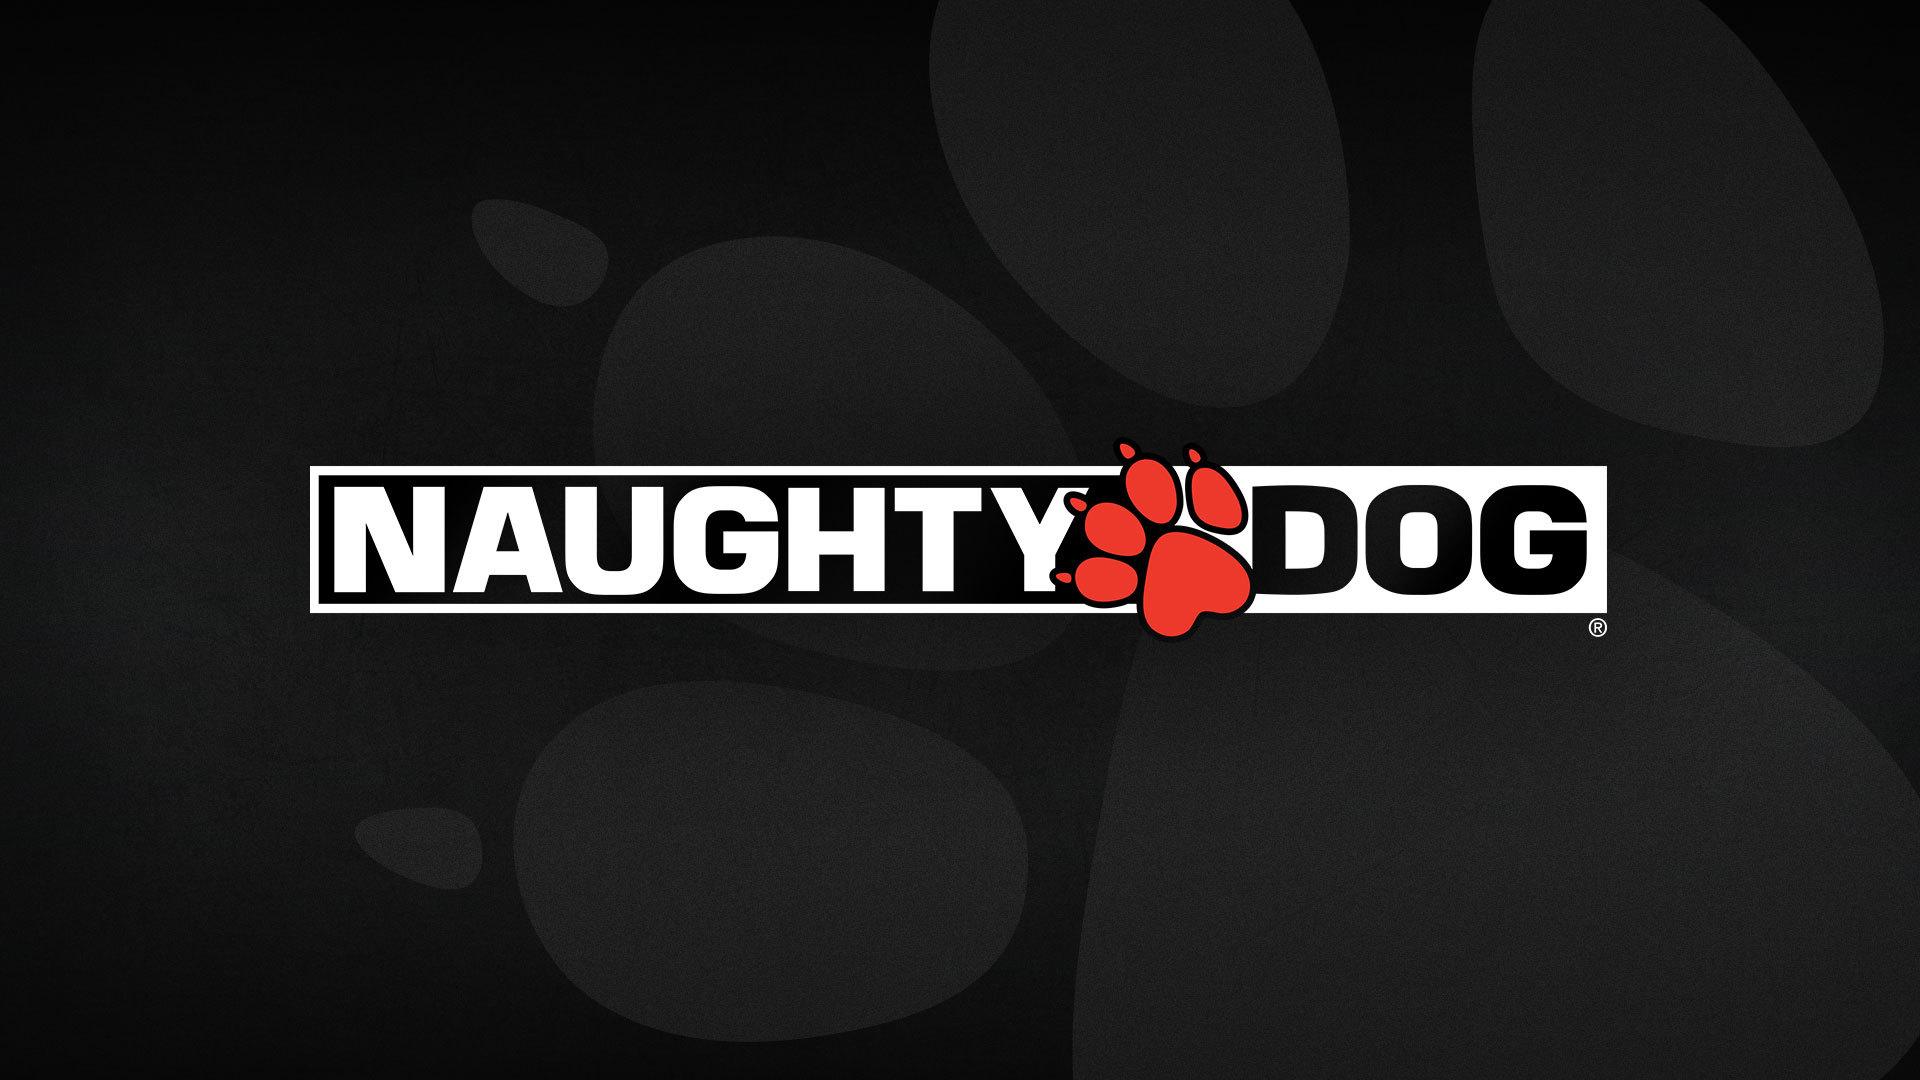 顽皮狗去年就开始打造一个新的游戏了